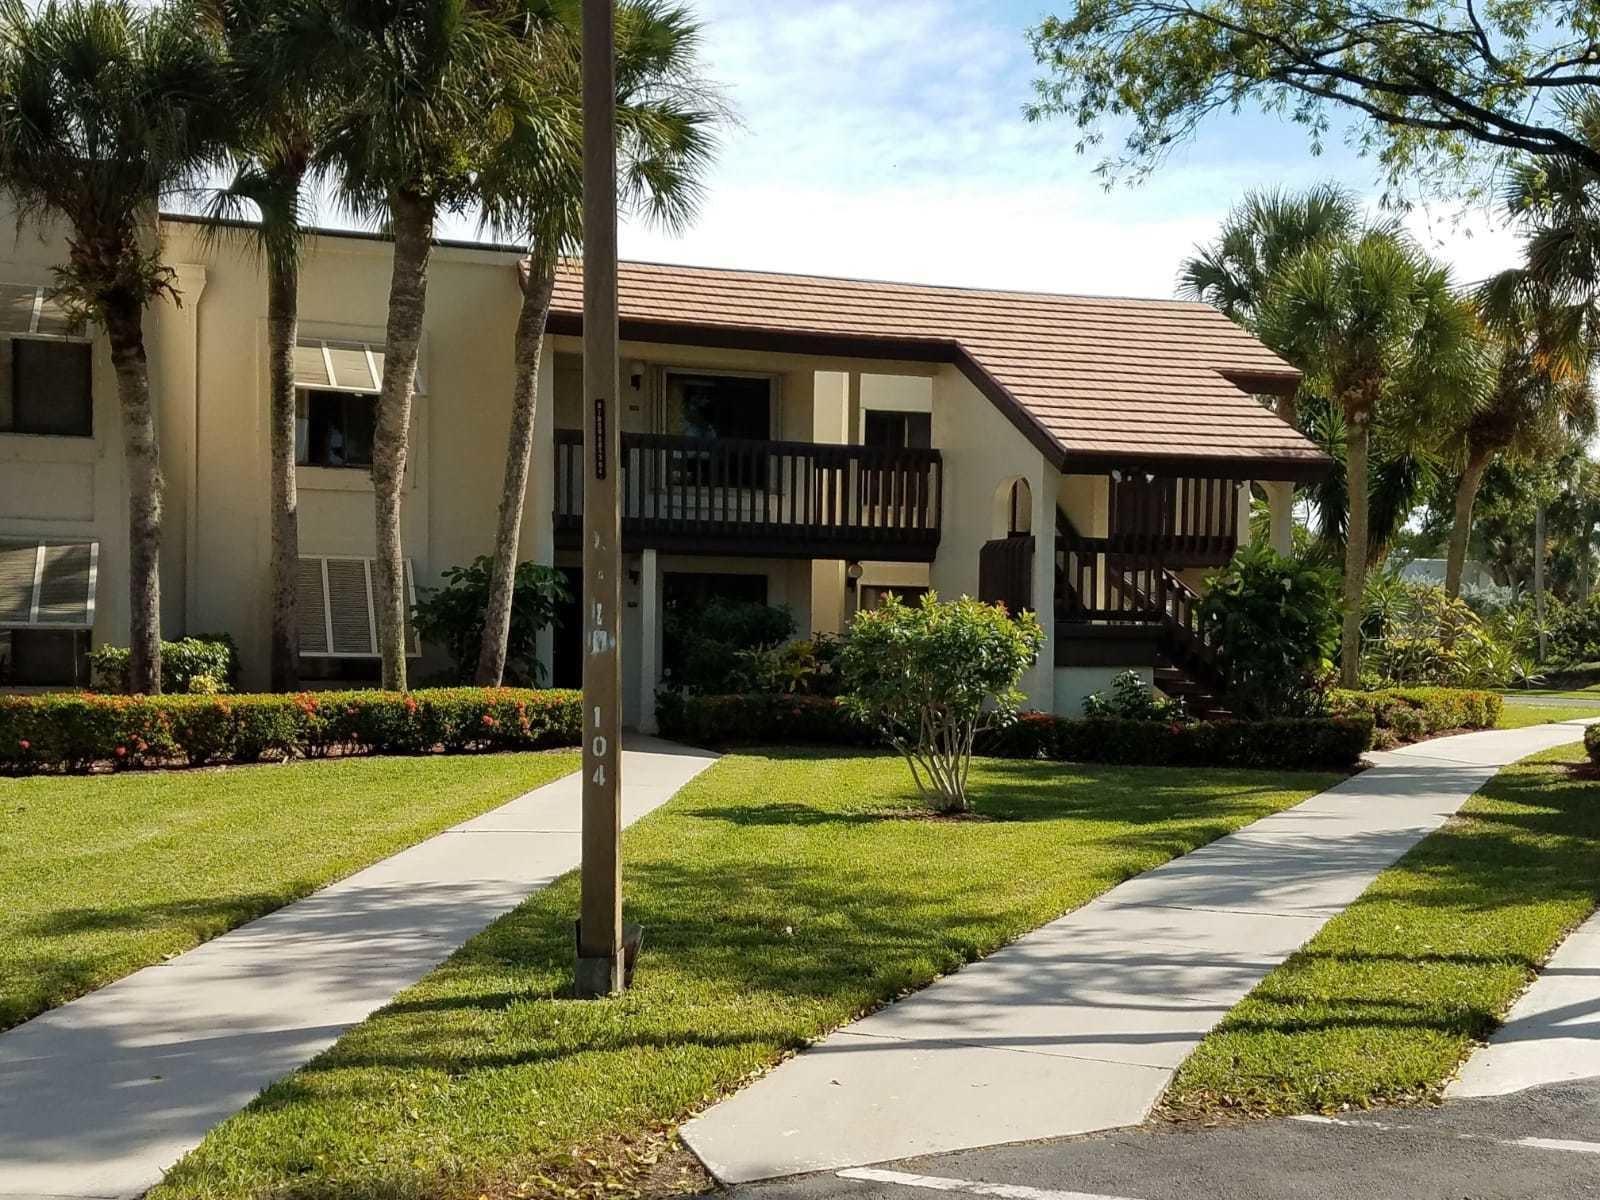 10203 Mangrove Drive #205, Boynton Beach, FL 33437 - #: RX-10675941